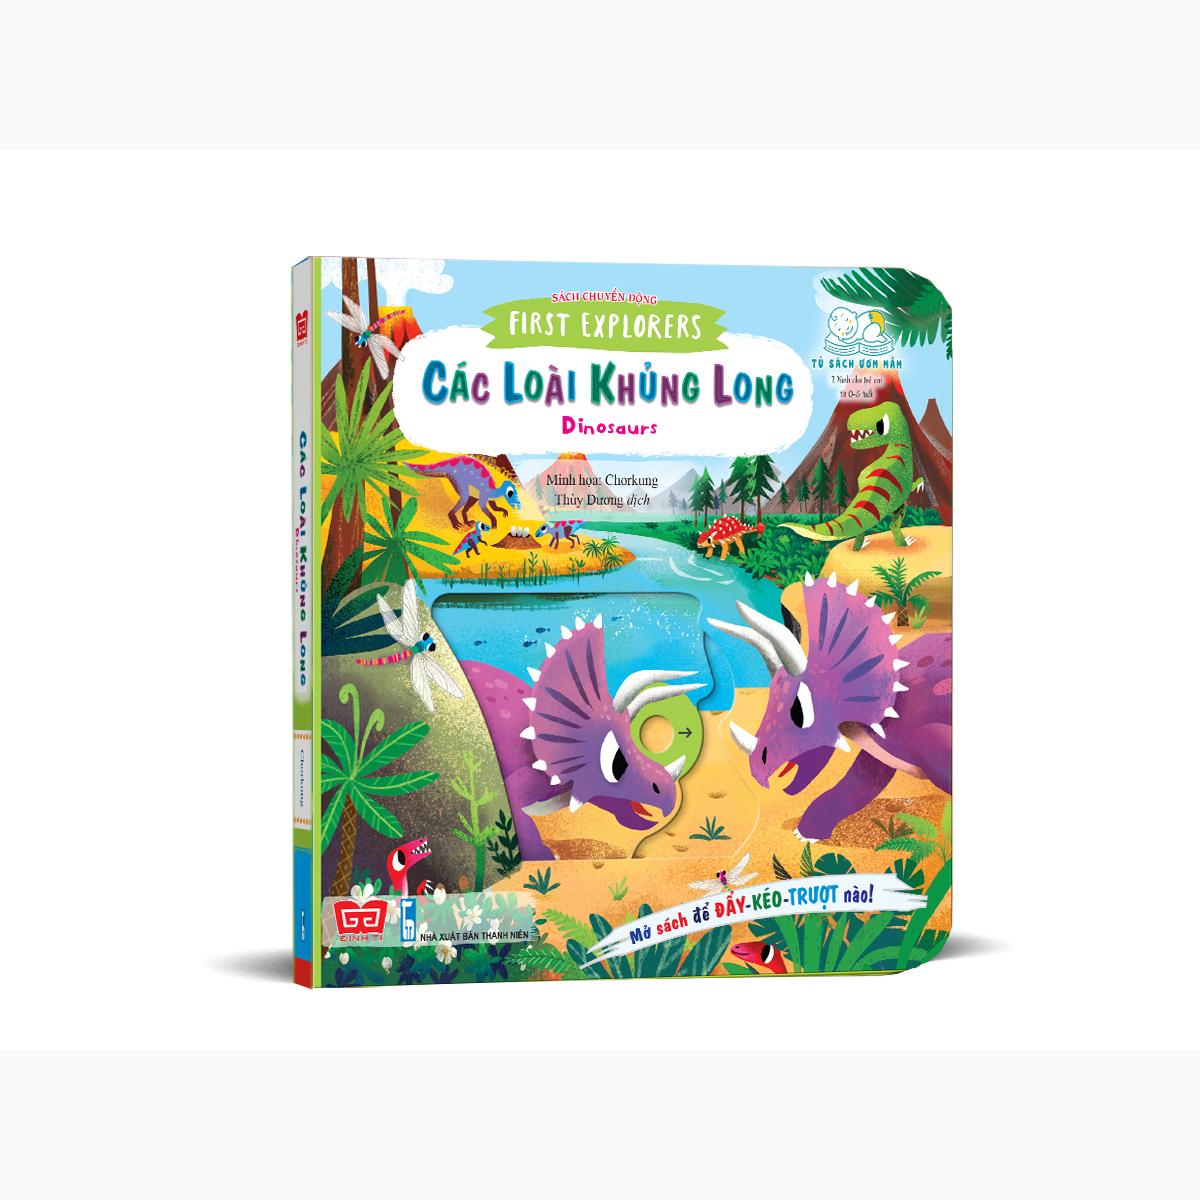 Sách chuyển động - First explorers - Dinosaurs - Các loài khủng long